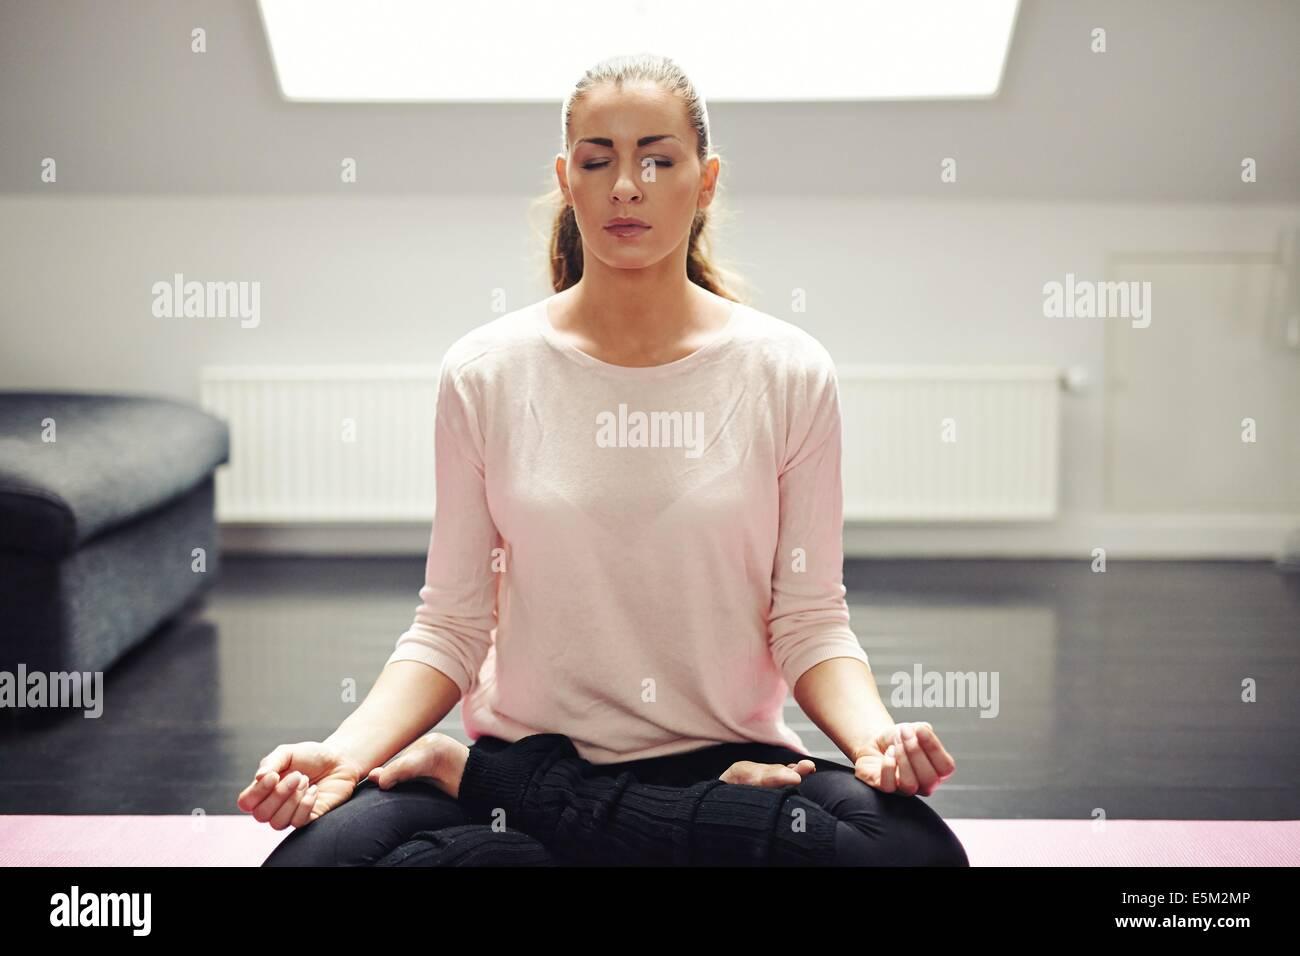 Ritratto di donna bella esercitazione. In un momento di relax a casa con lo yoga allenamento. Montare caucasian Immagini Stock